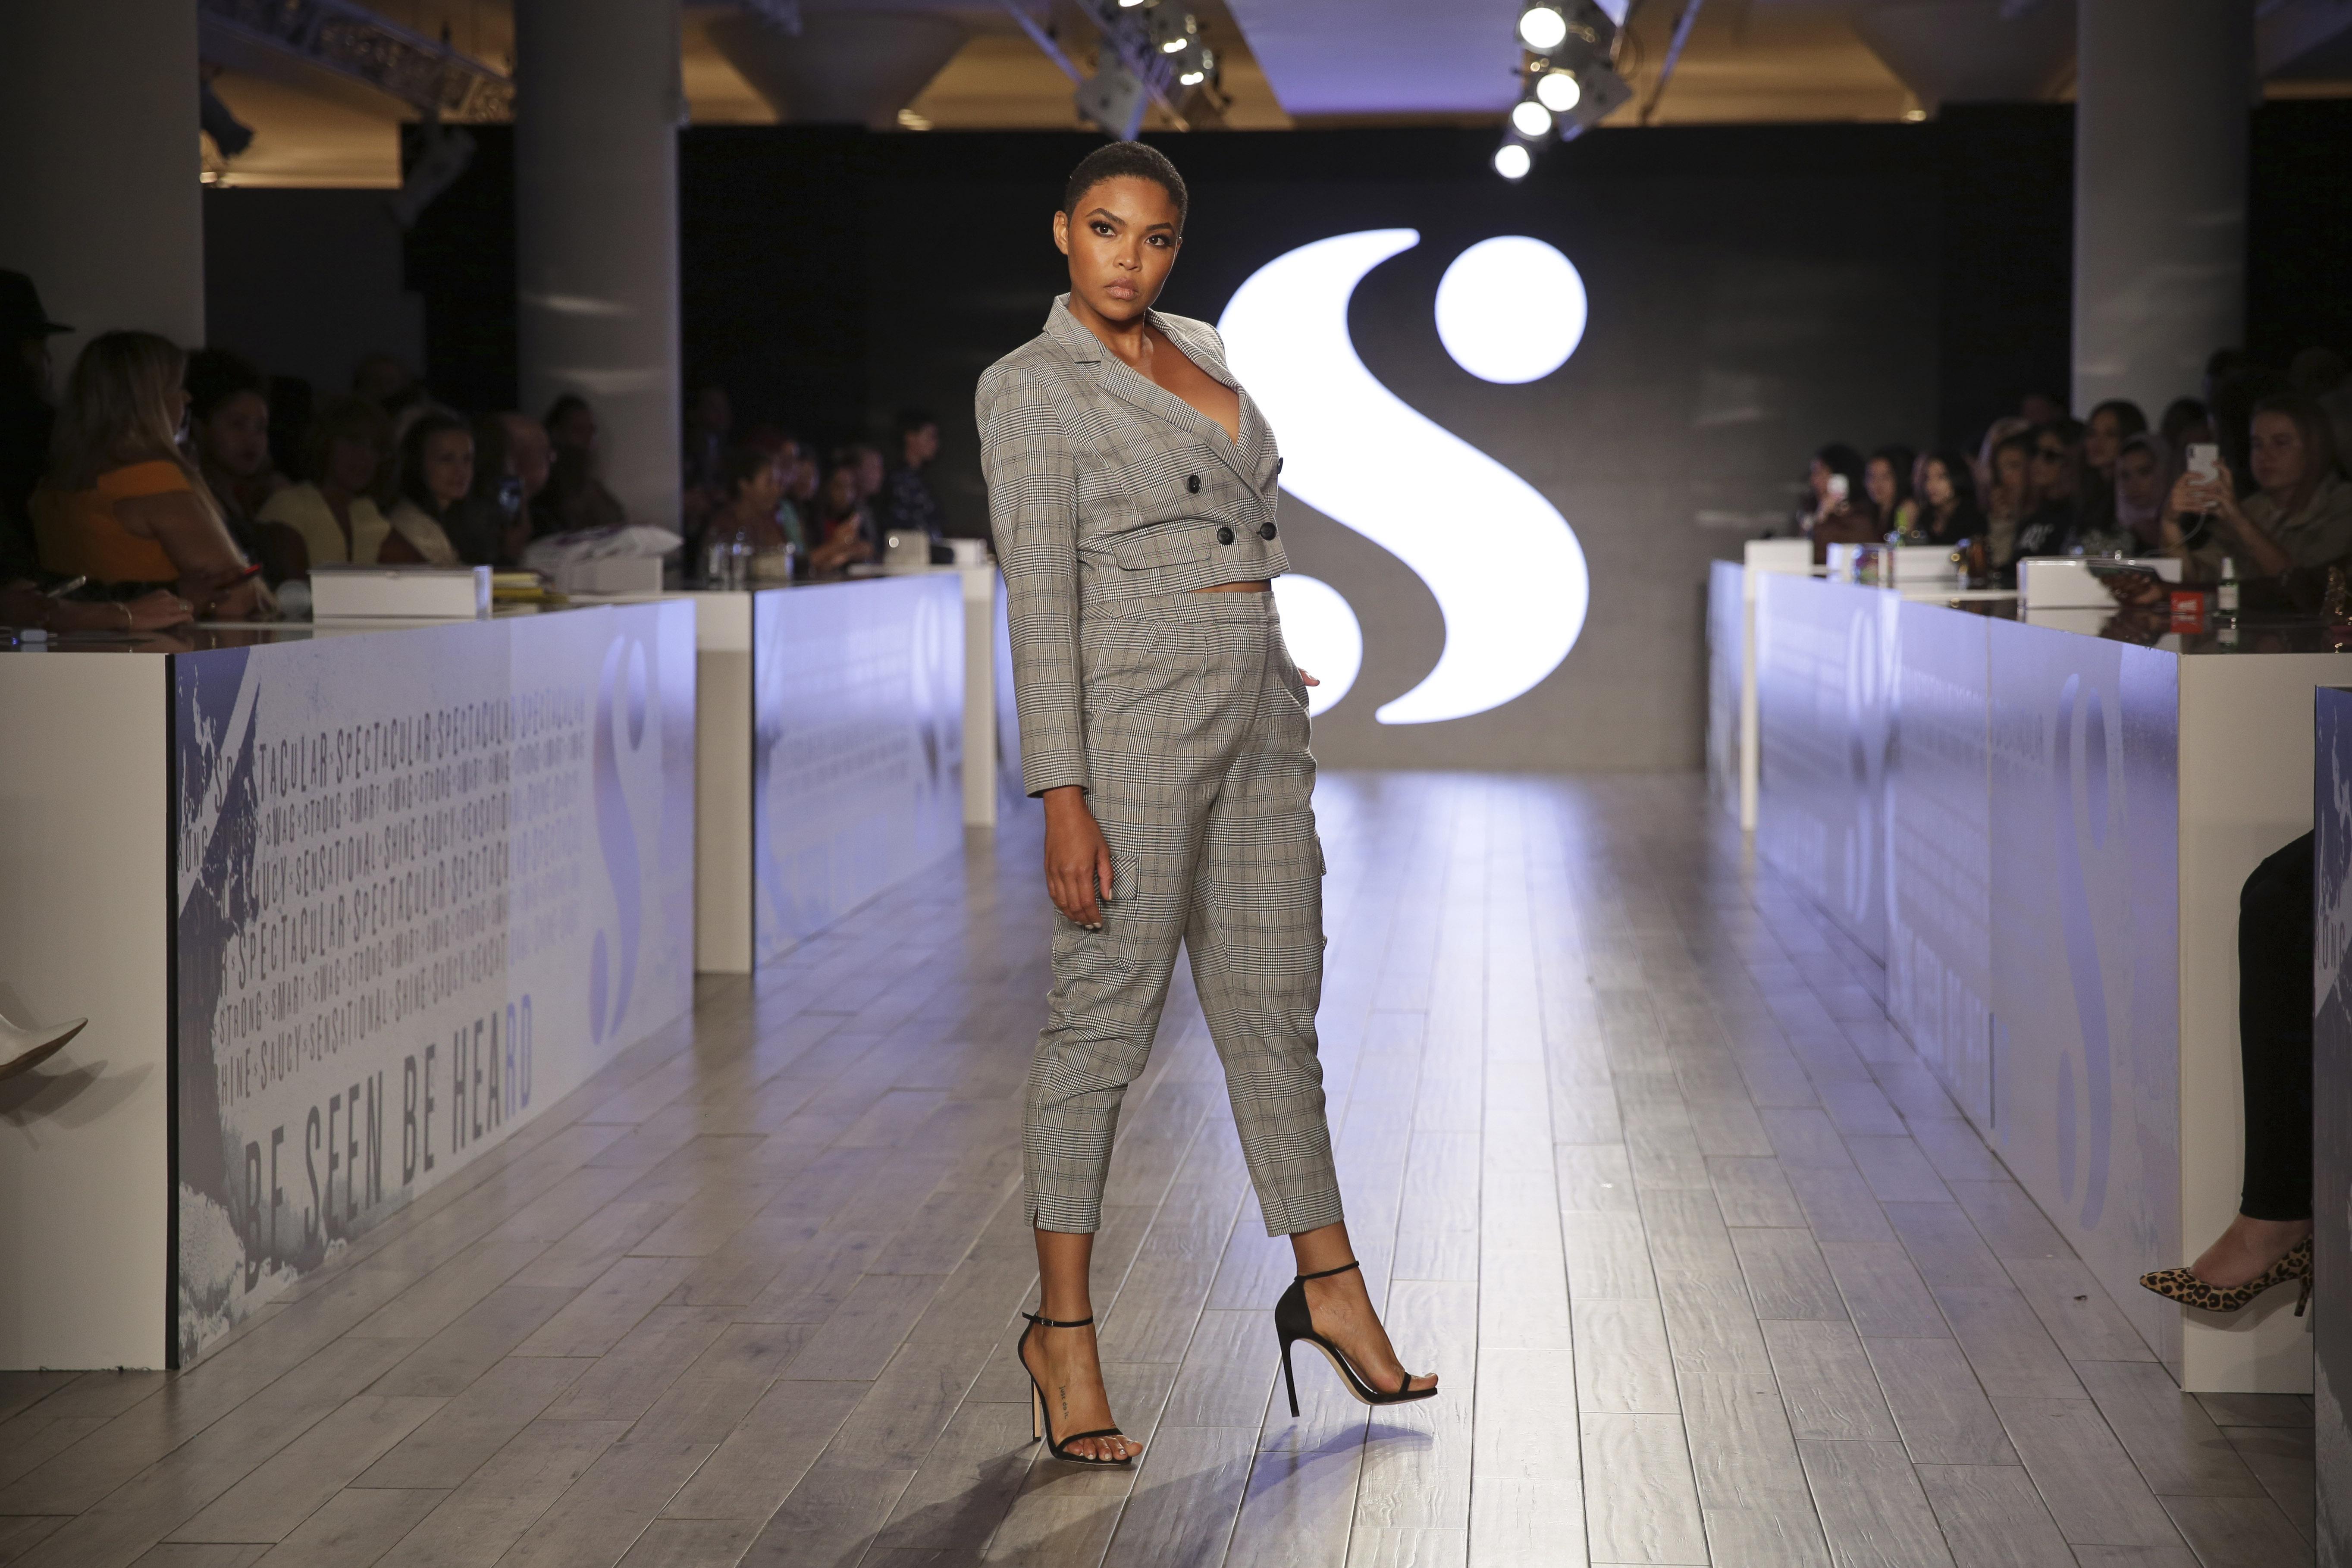 El conjunto de chaqueta y pantalón también formó parte de las tendencias presentadas por la línea S by Serena Williams. (AP)